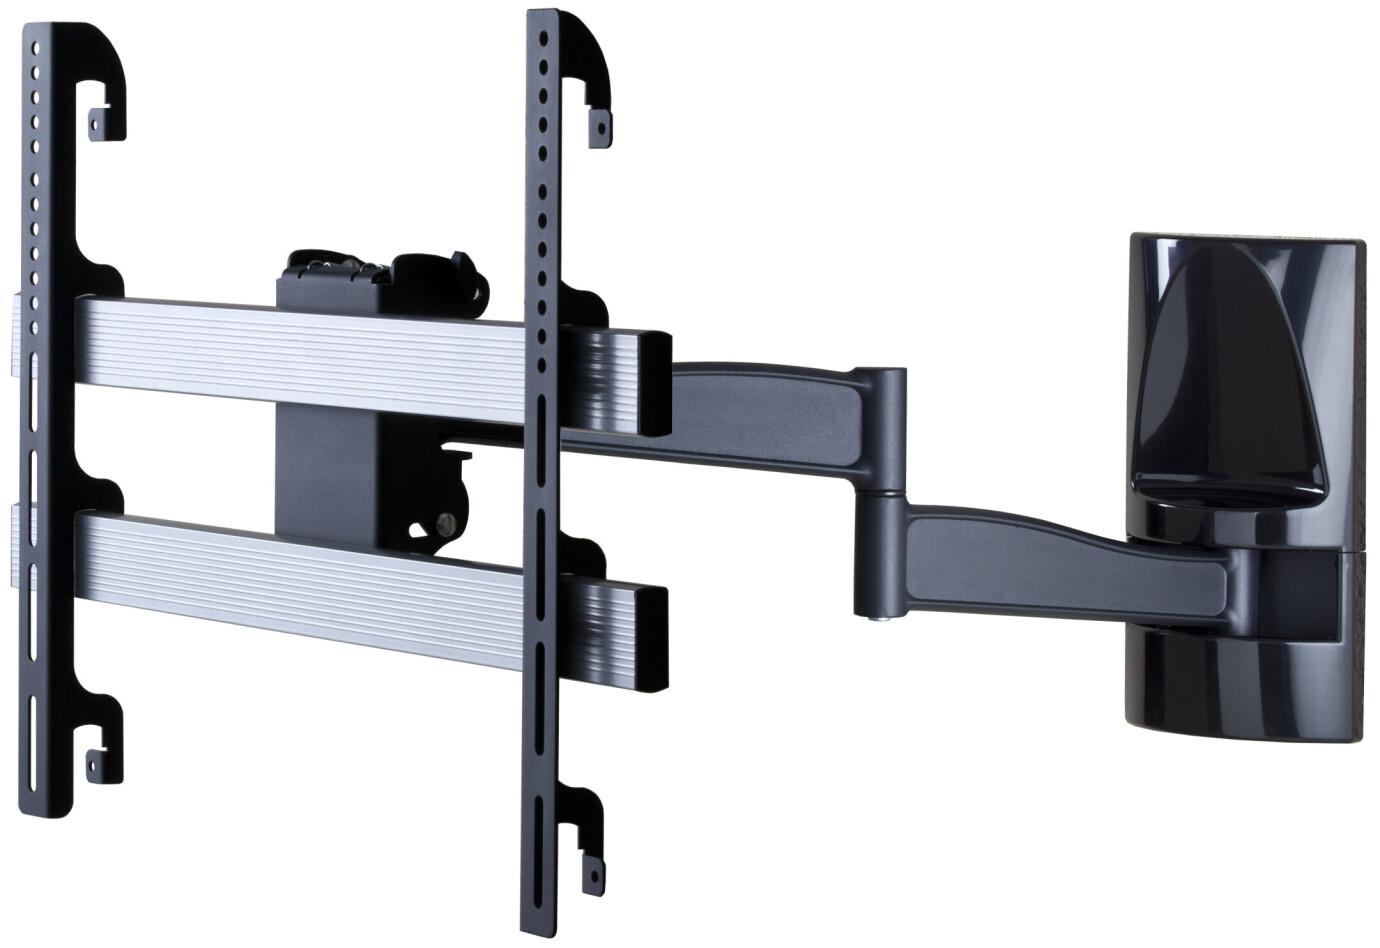 VCM WS 300 TV wall mount, tilt / swivel